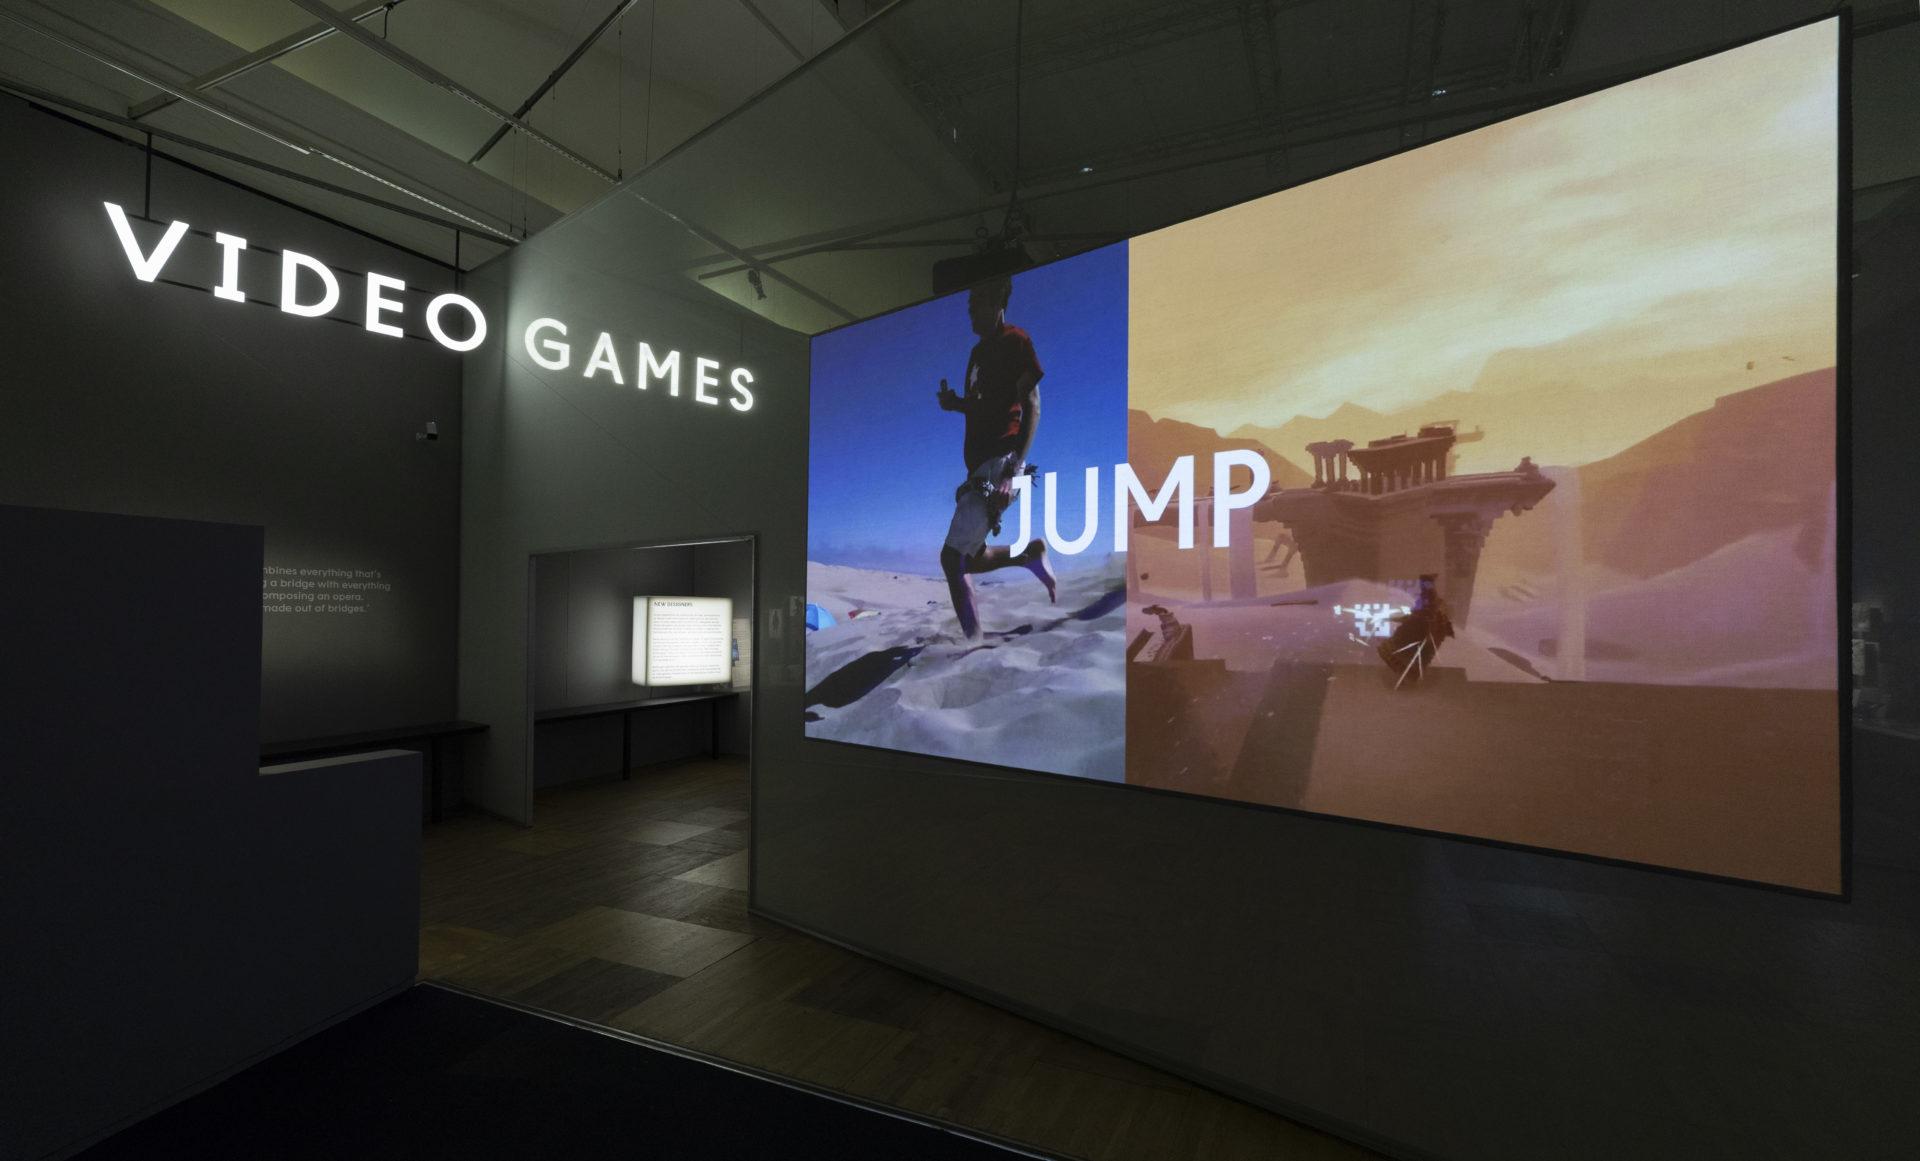 【專文】電子遊戲與其當代省思:V&A博物館的電玩特展